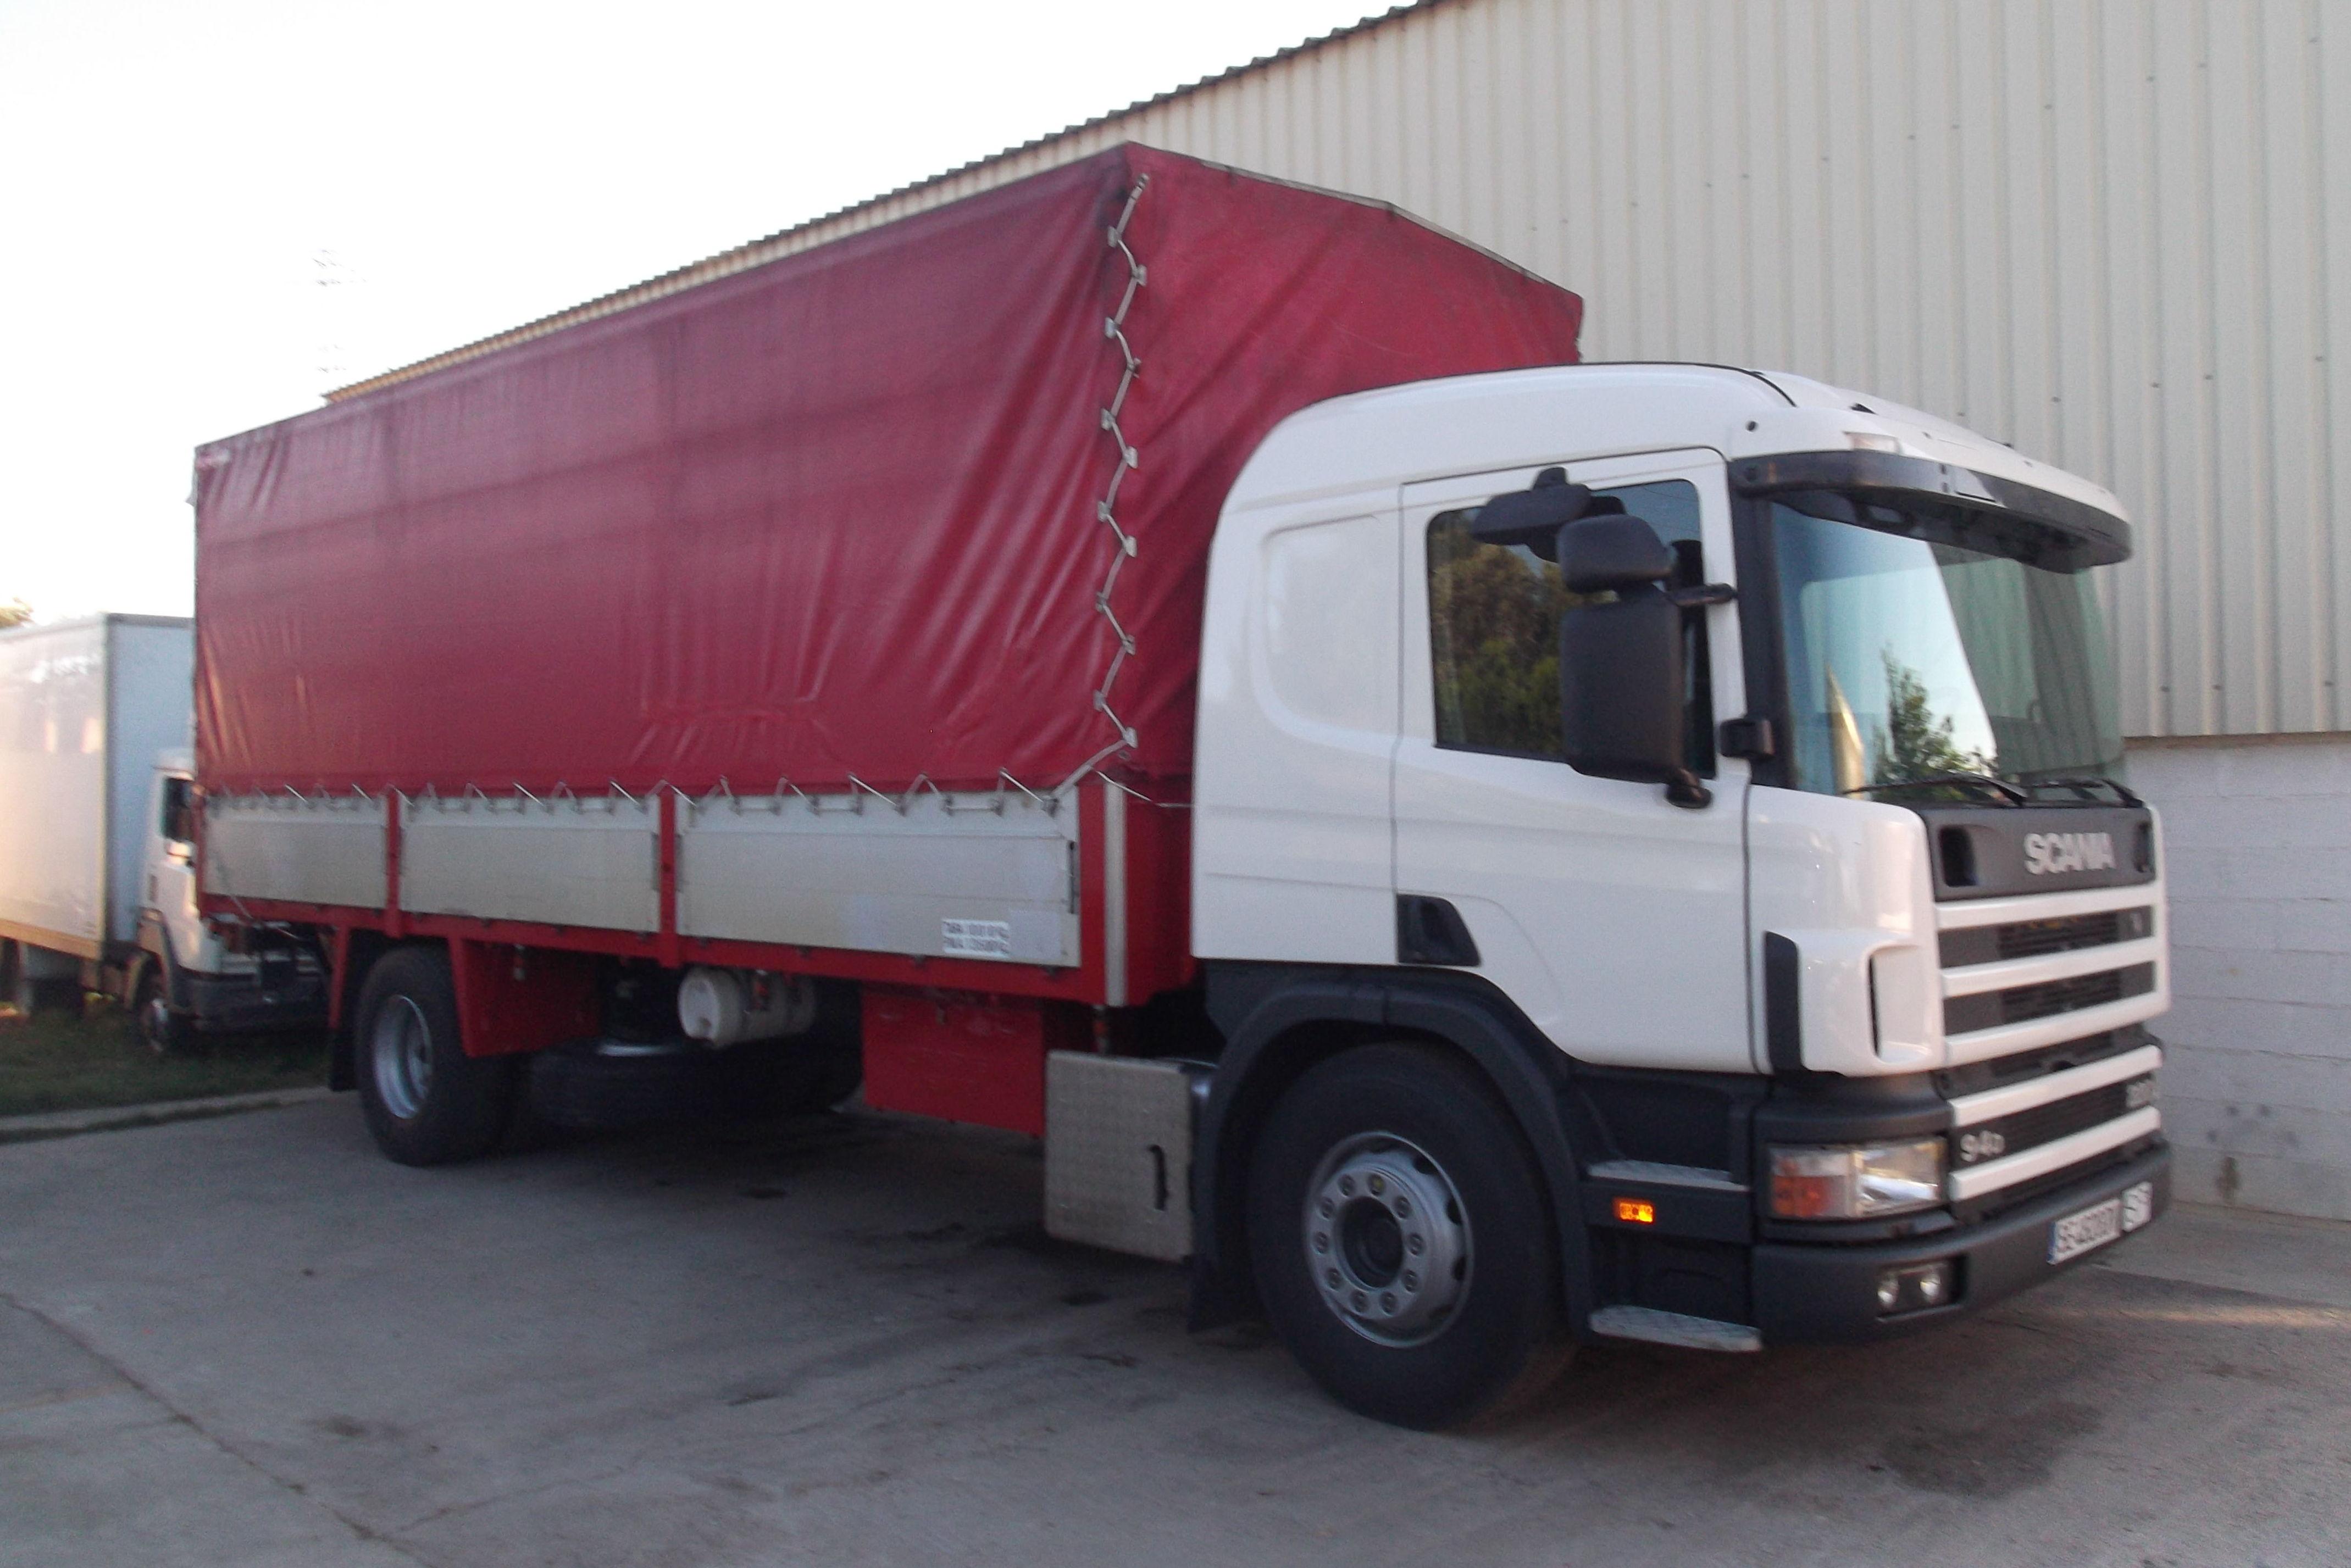 Camiones para transporte de mercancías delicadas